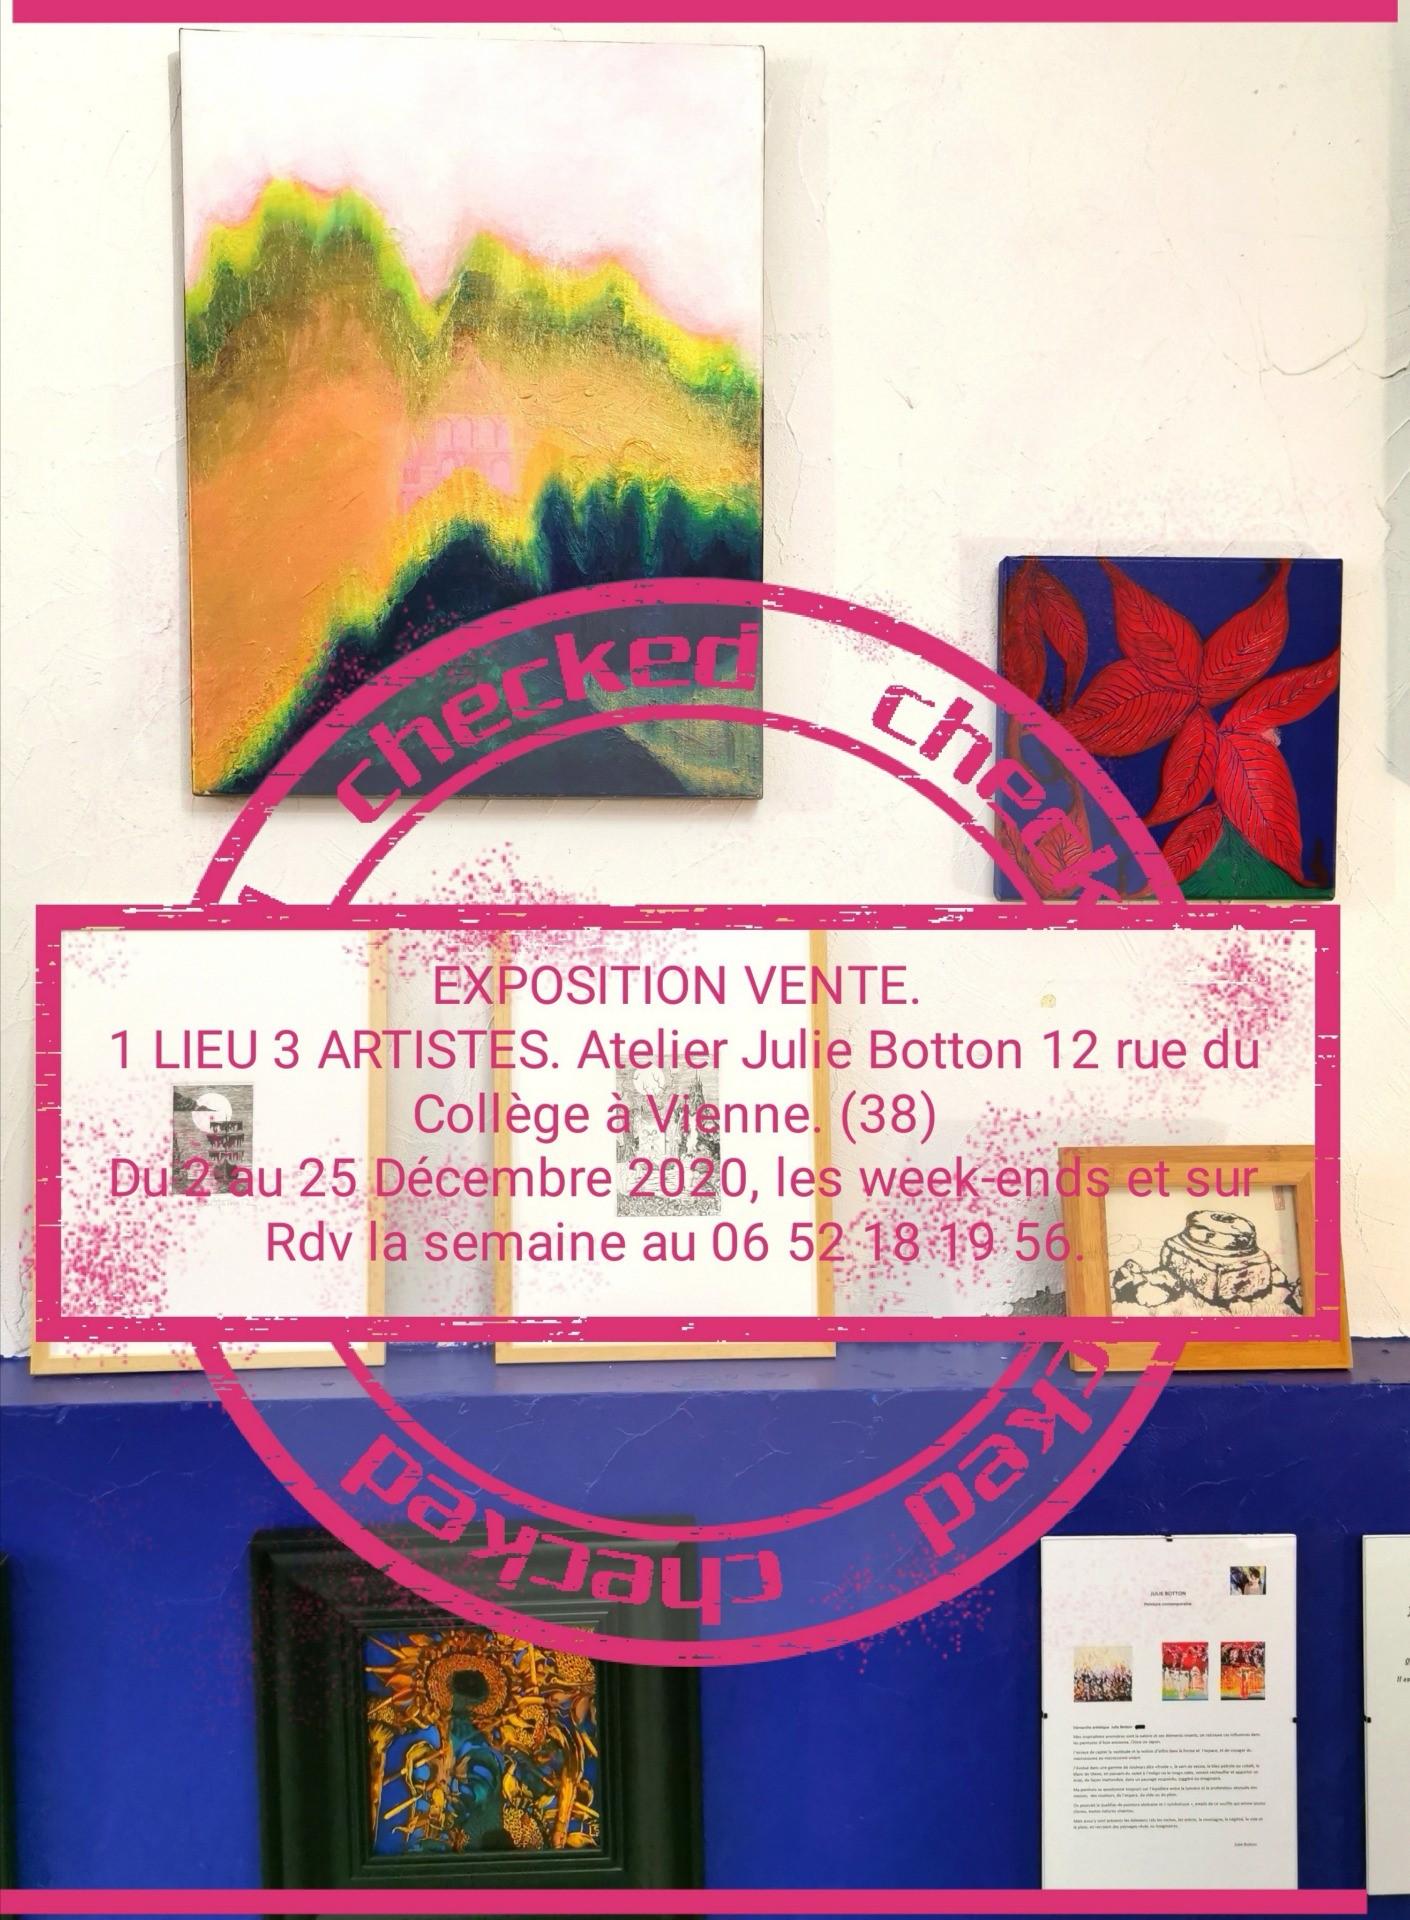 Exposition 1 lieu 3 artistes.